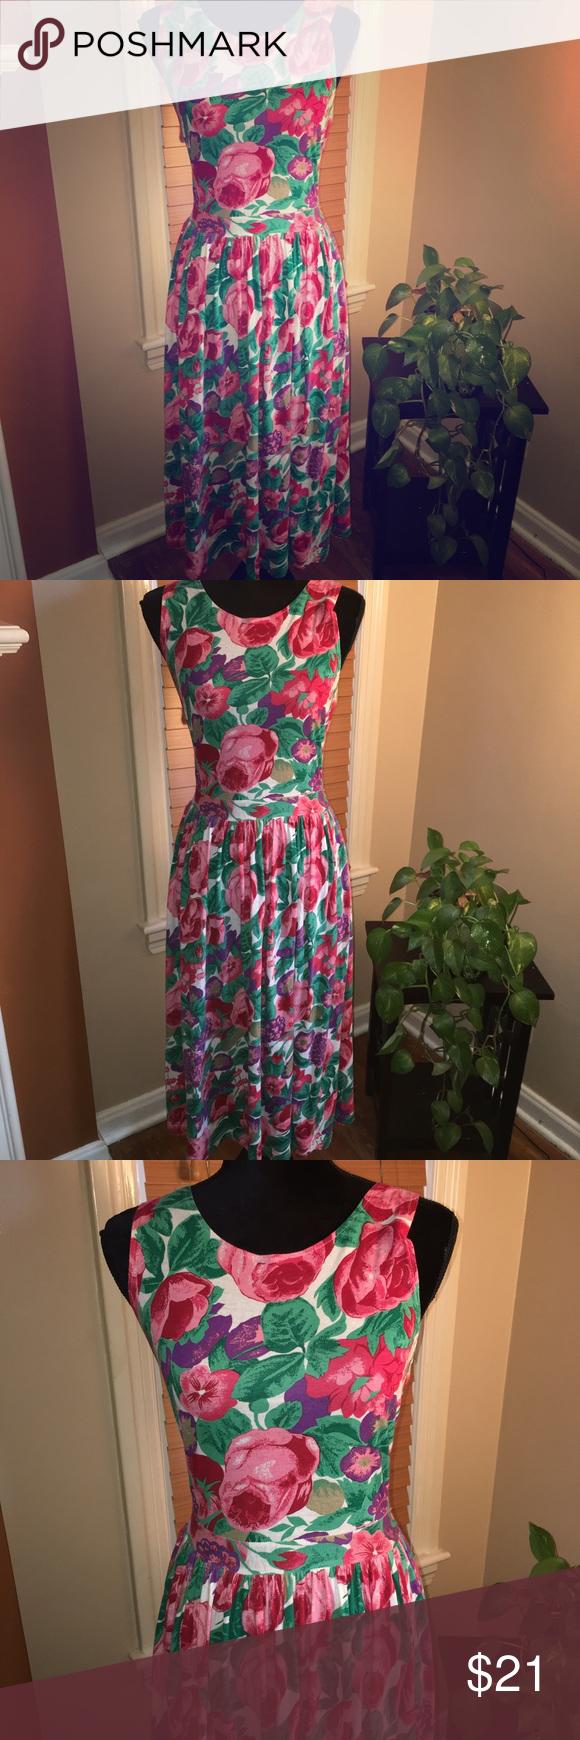 Vintage Victoria S Secret Maxi Dress Vintage Retro Clothing Dresses Fashion Design [ 1740 x 580 Pixel ]